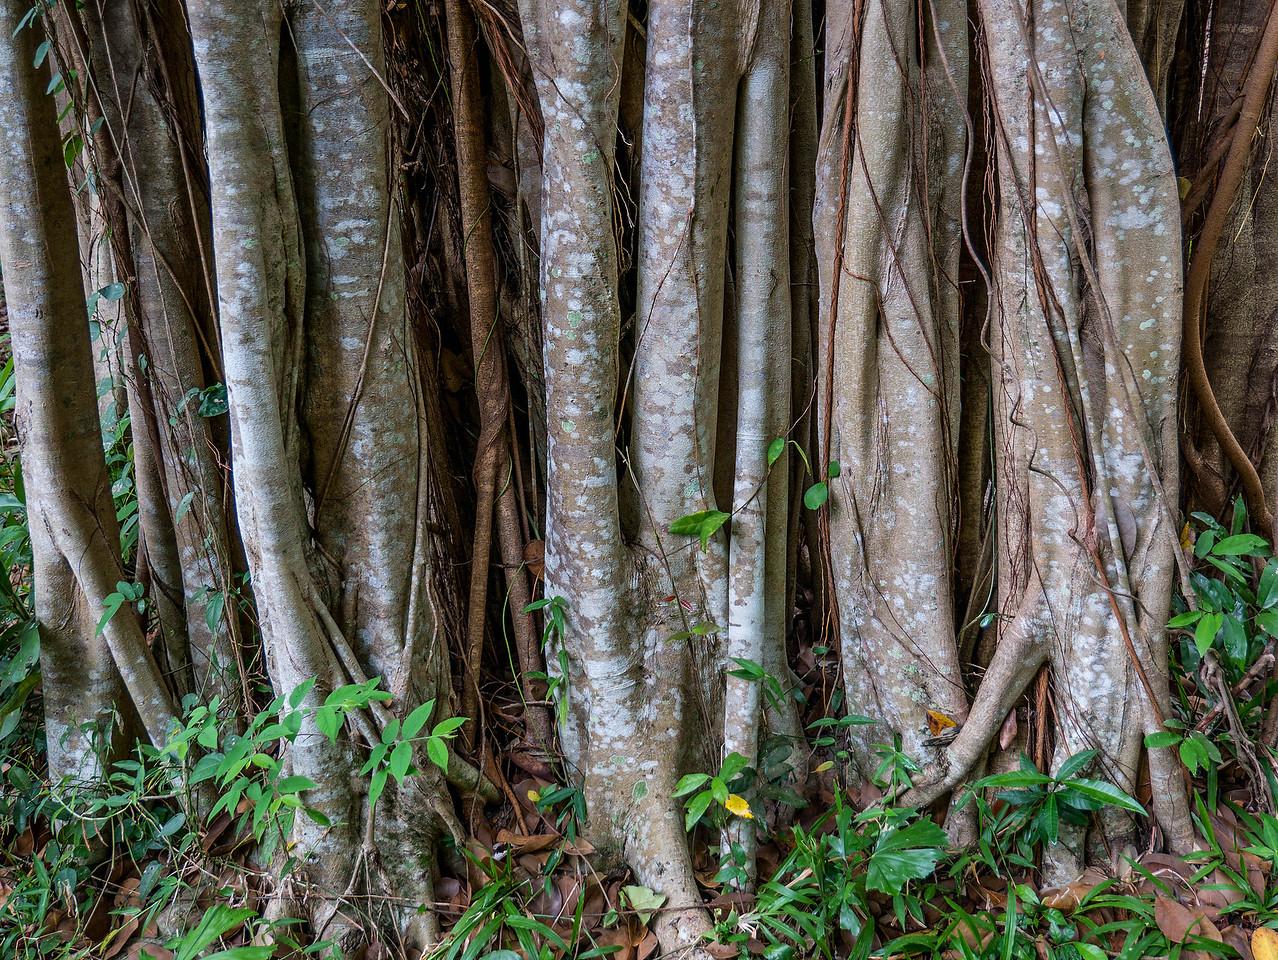 Banyan roots